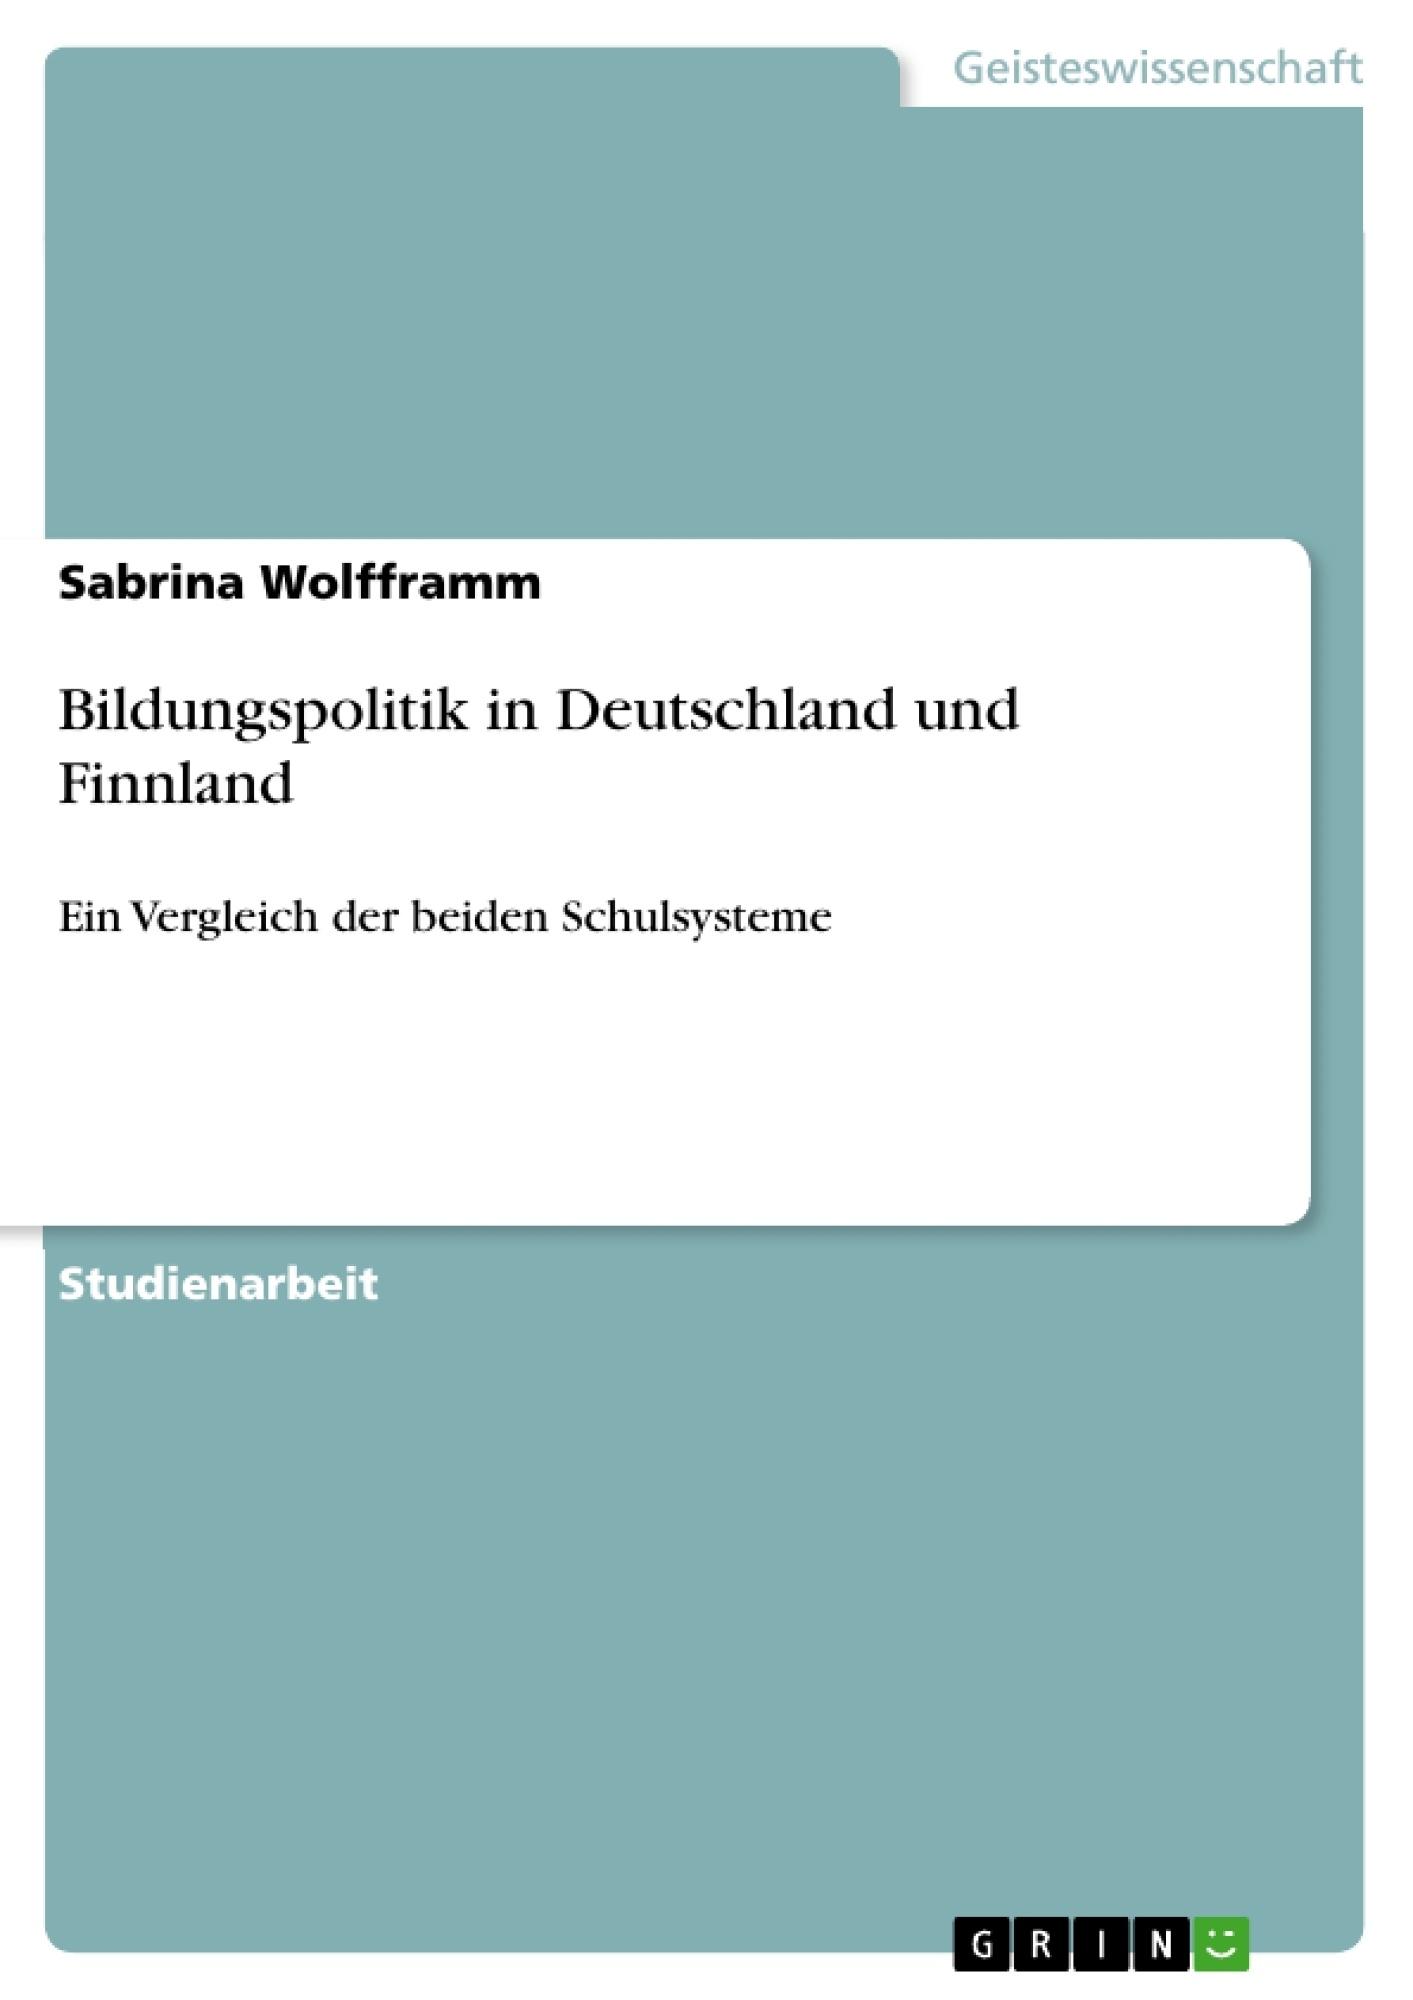 Titel: Bildungspolitik in Deutschland und Finnland